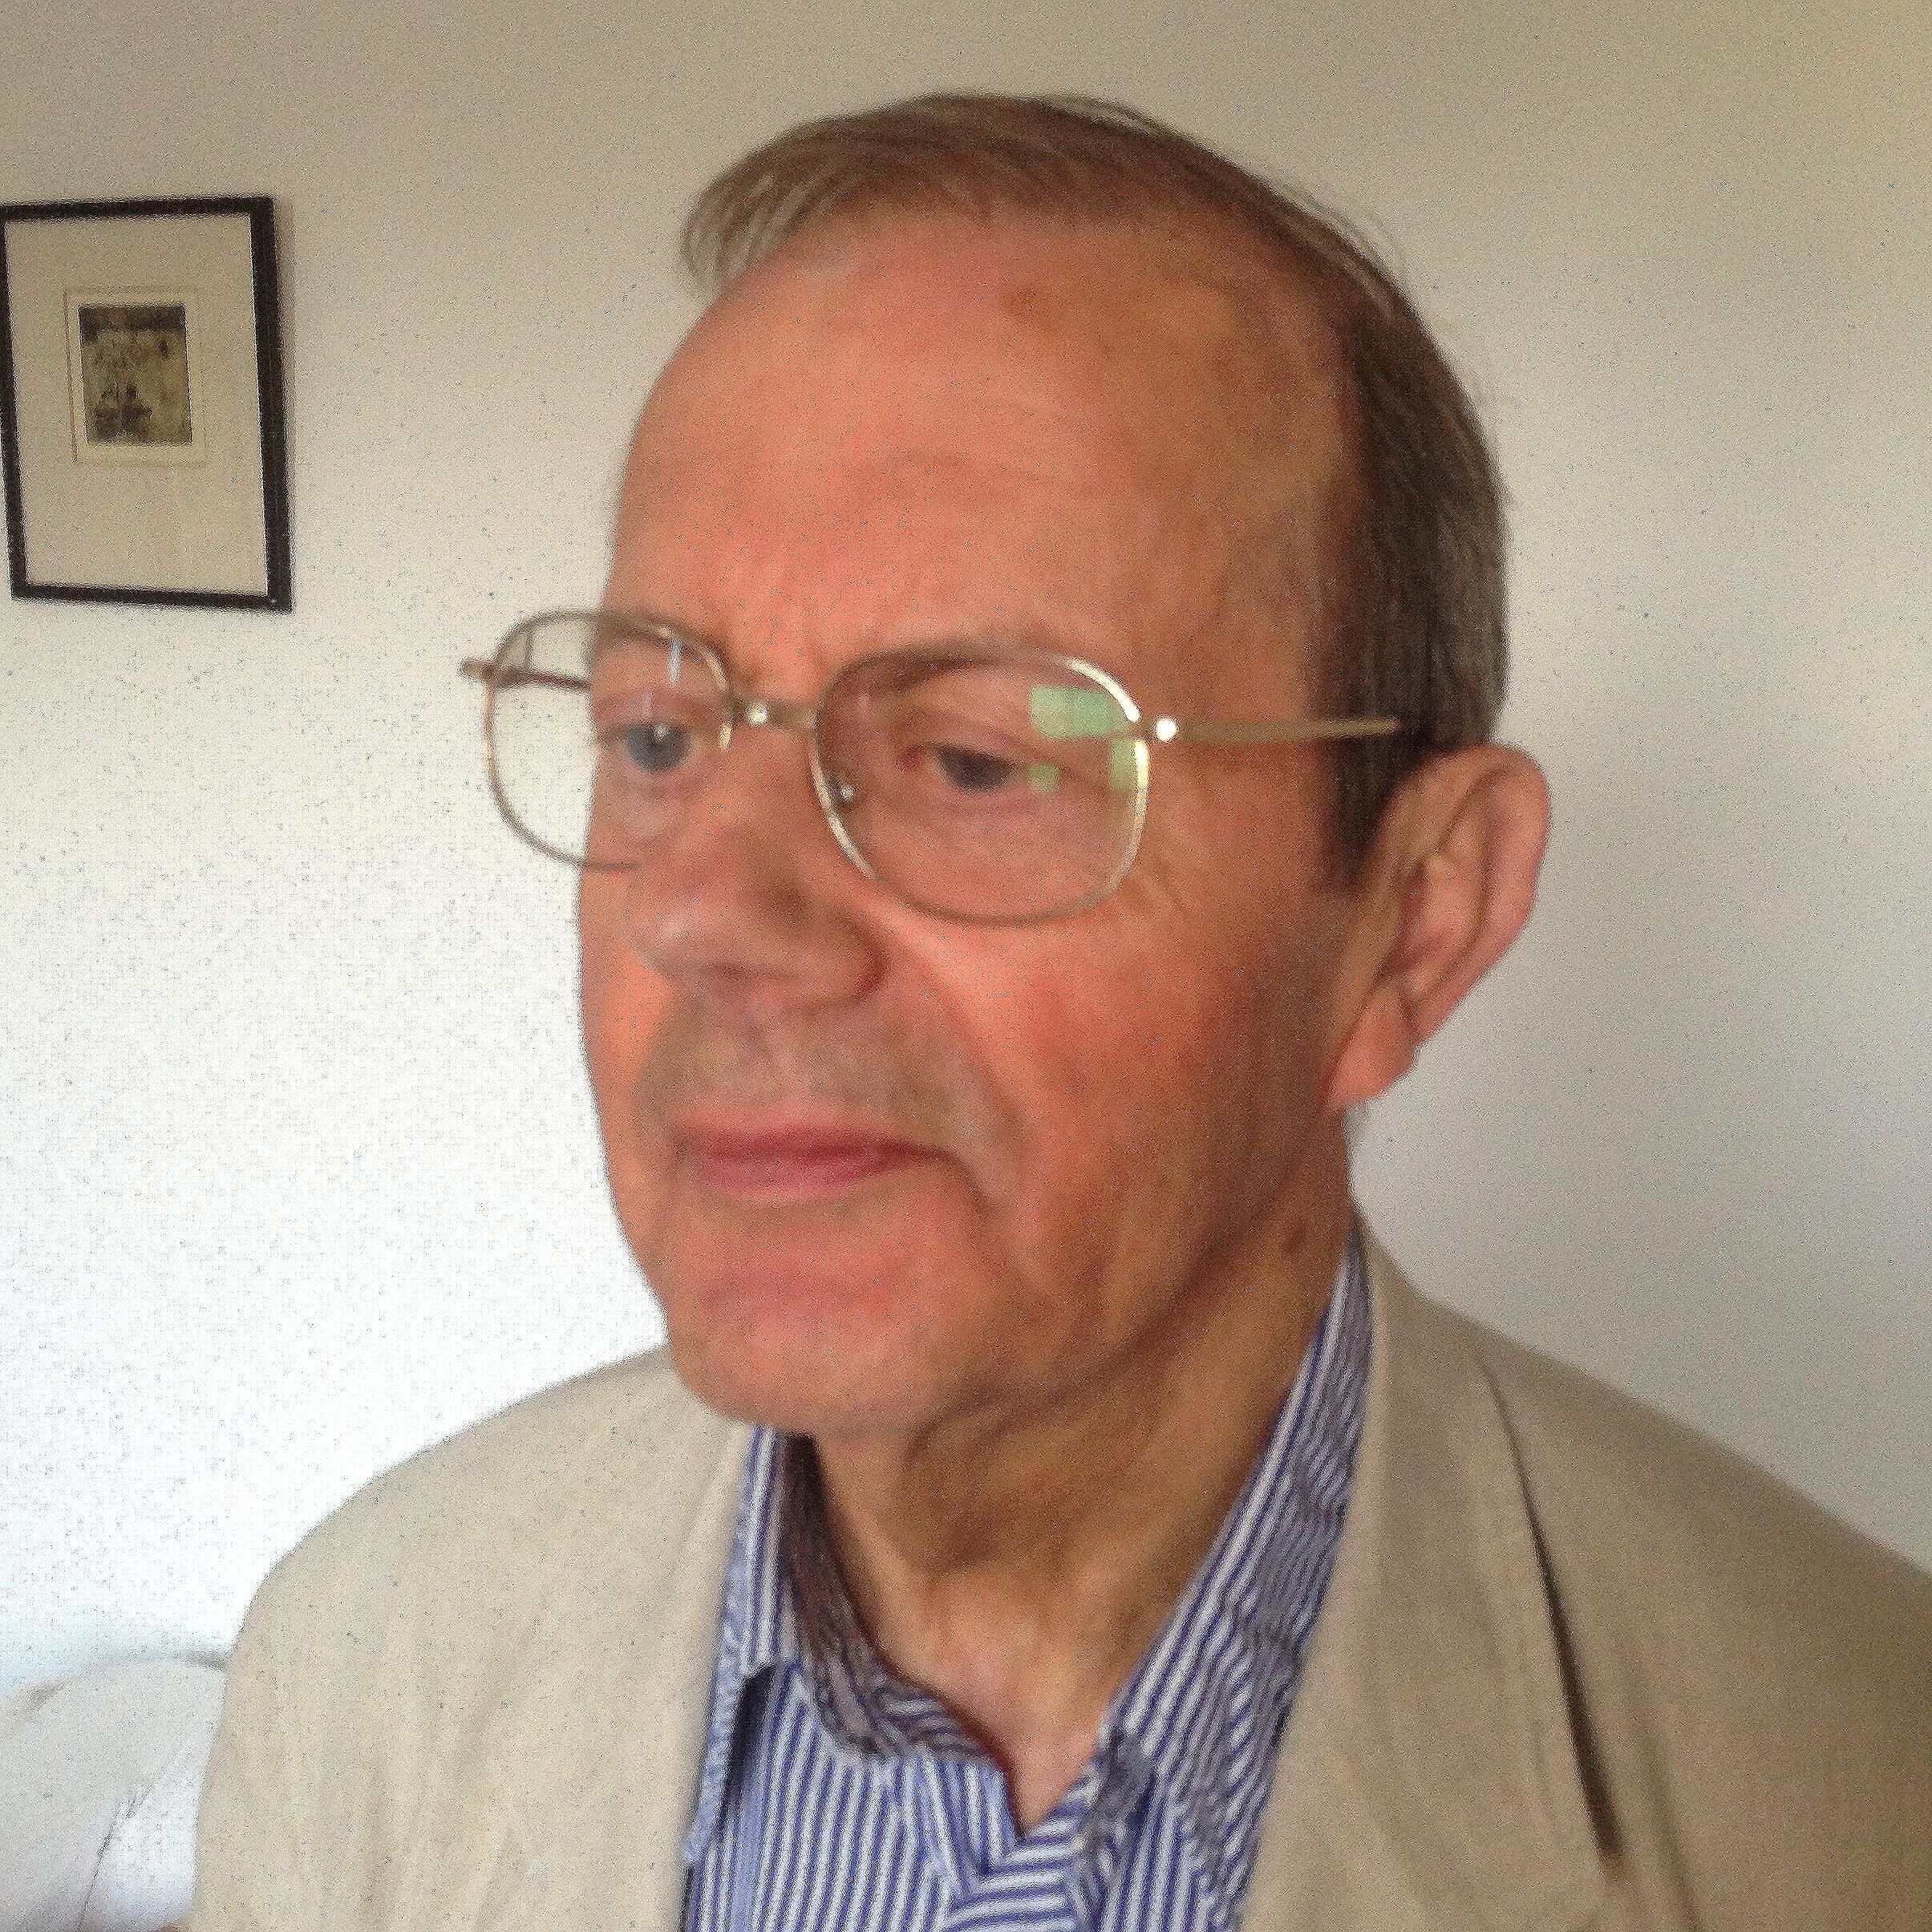 David Buckman